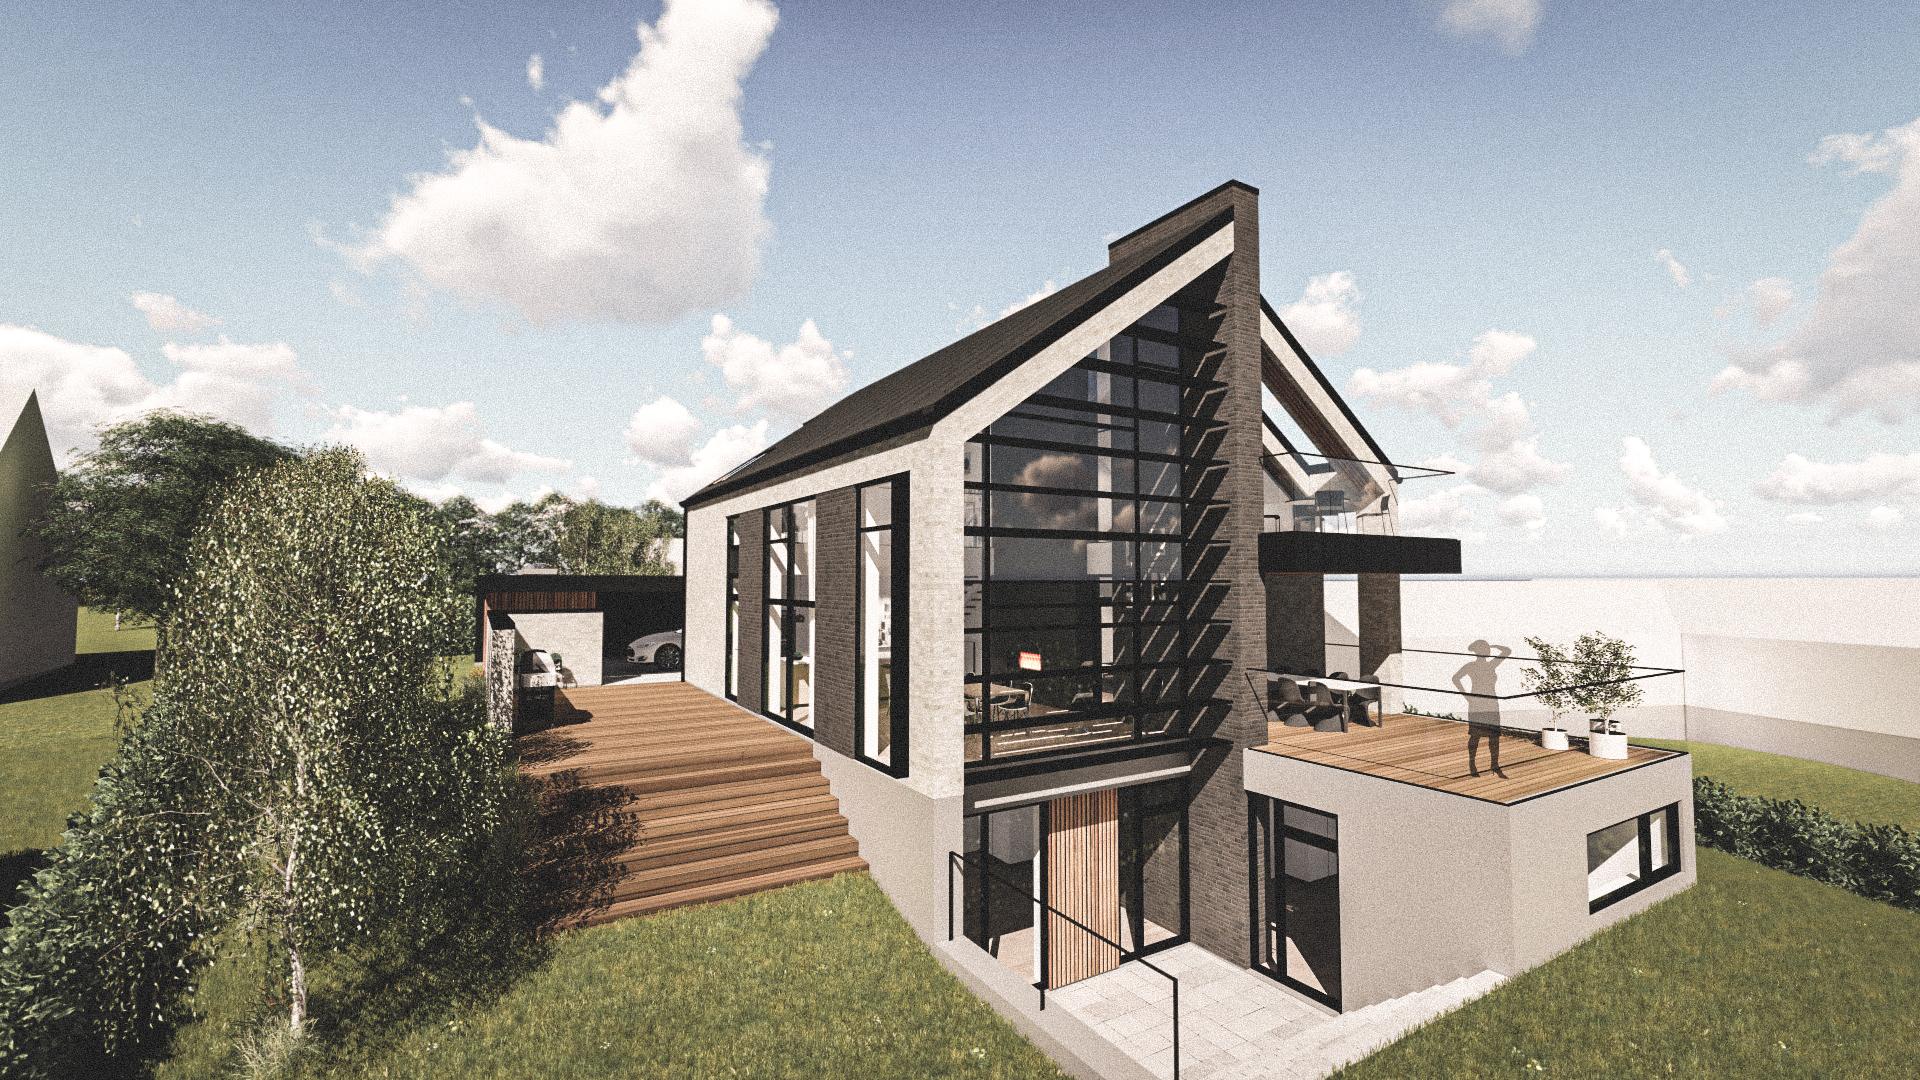 Billede af Dansk arkitekttegnet 3 plan villa af arkitektfirmaet m2plus, i Frederikssund på 347 kvartratmeter.